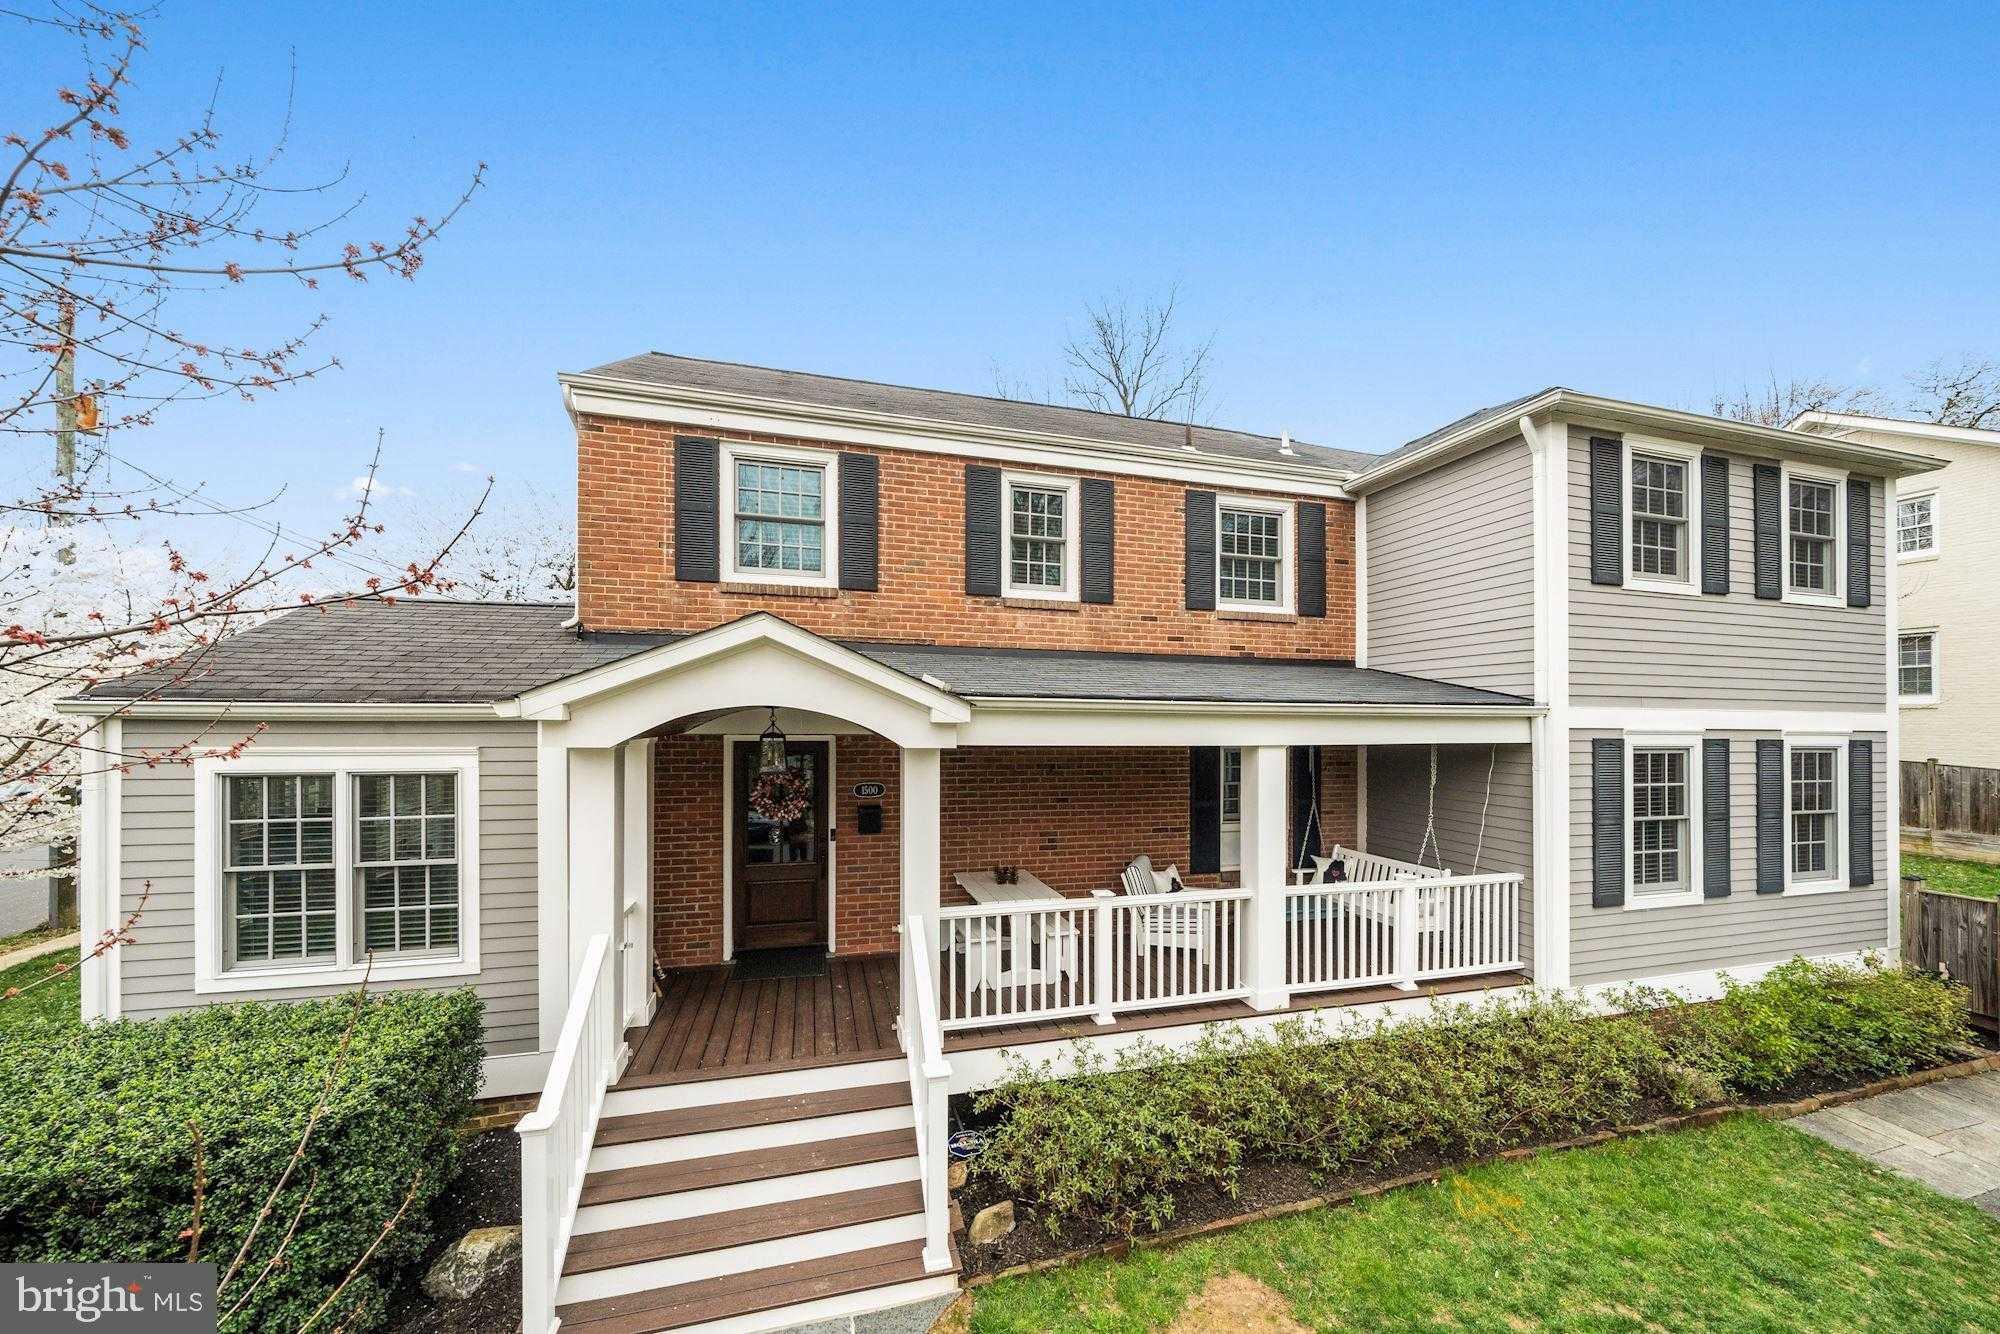 $1,374,900 - 5Br/4Ba -  for Sale in Westover, Arlington